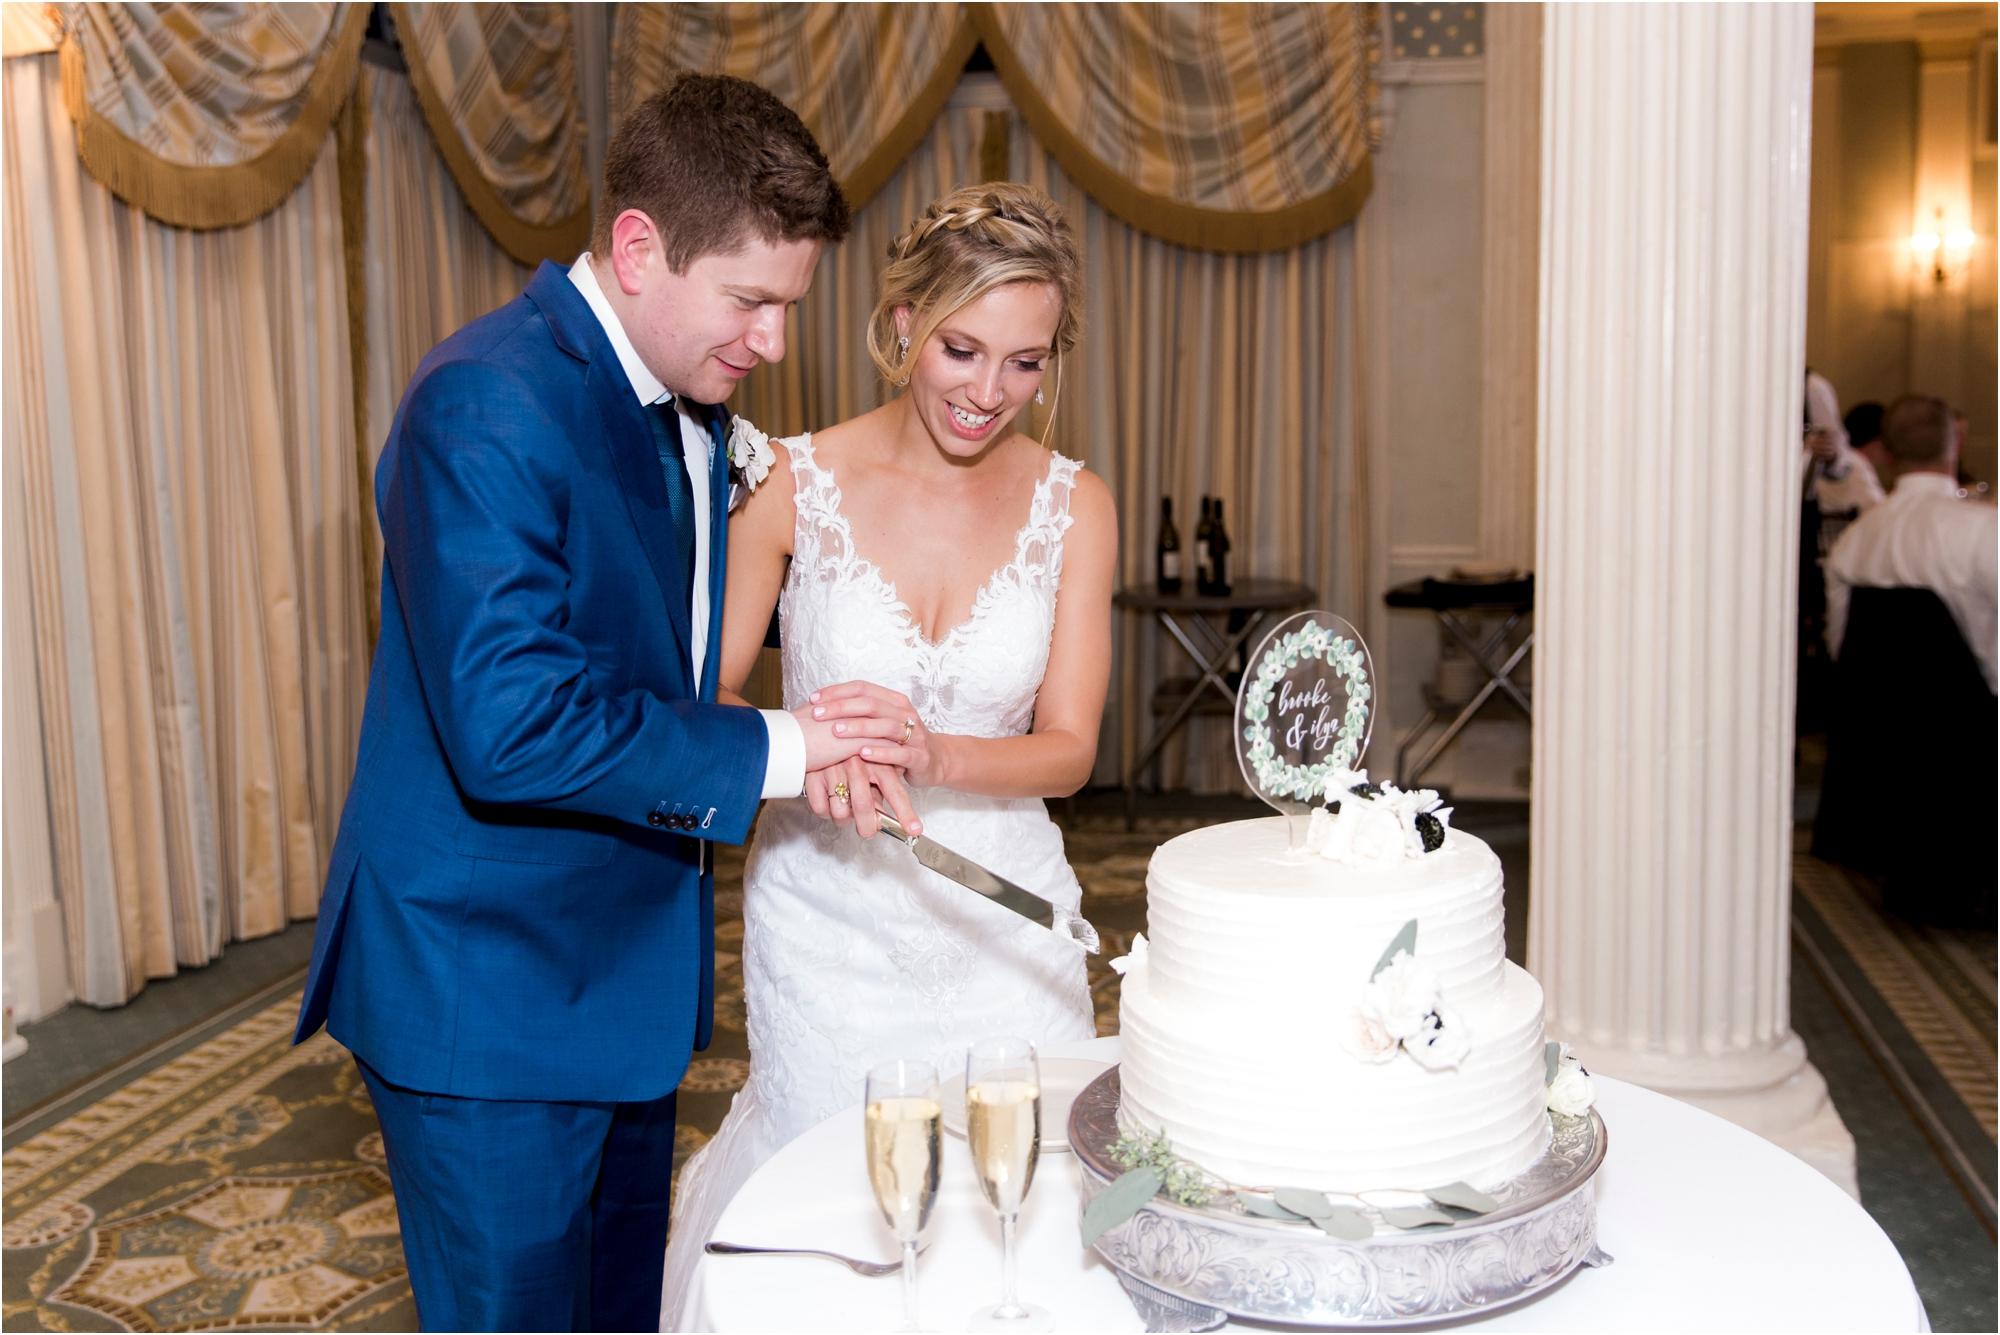 brooke-ilya-fall-virginia-omni-homestead-resort-wedding-photos_0070.jpg